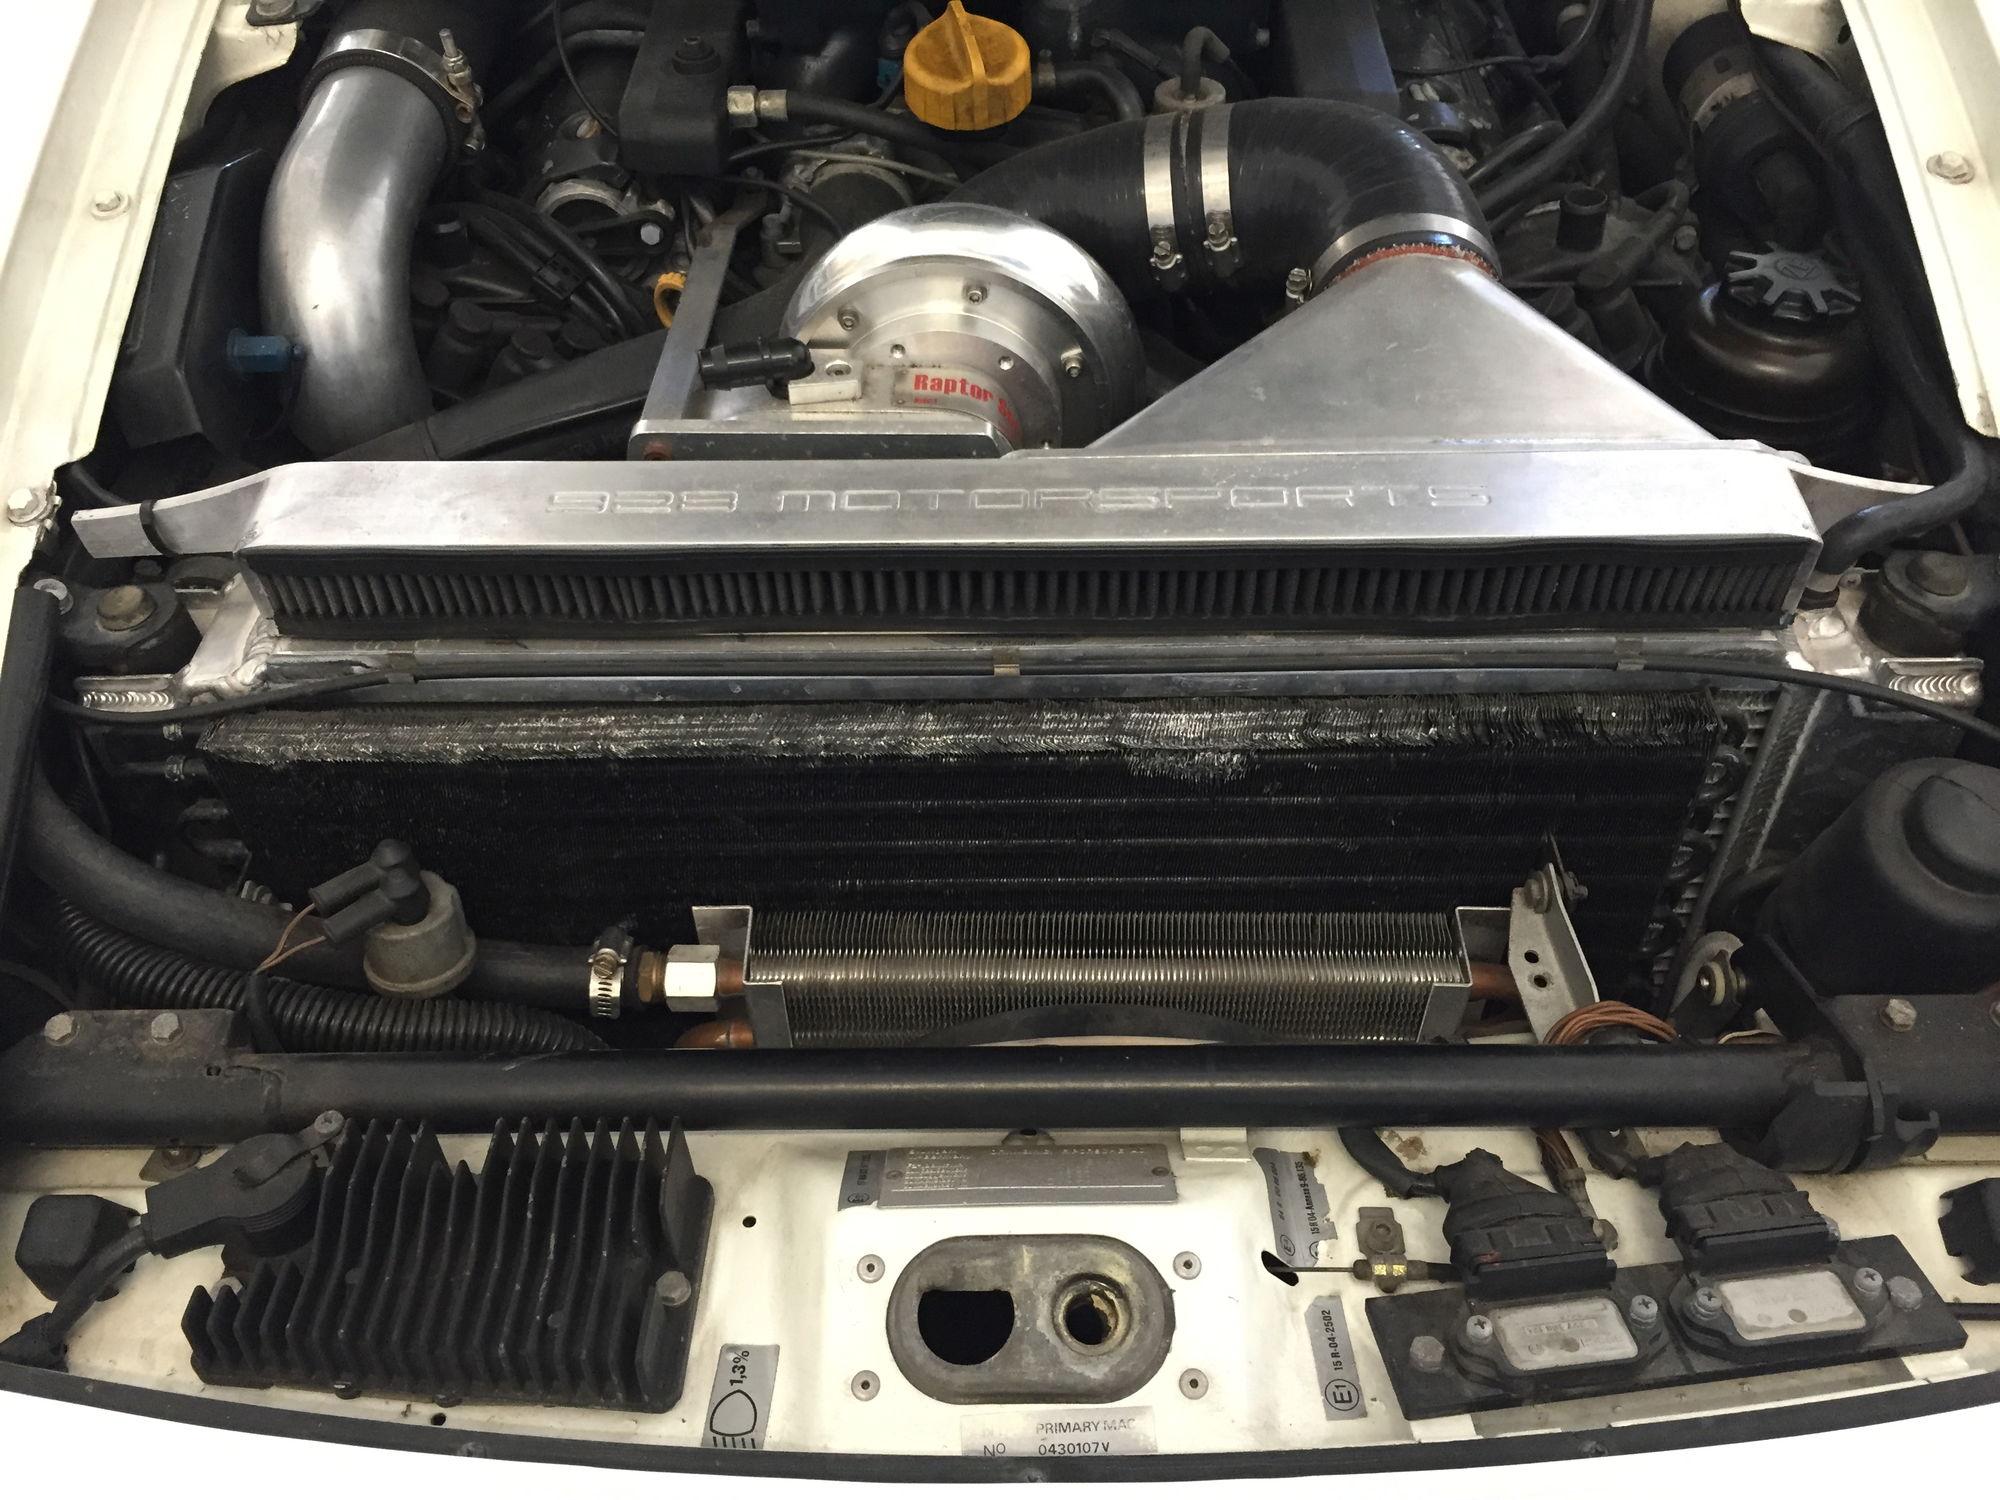 Wiring Diagram Porsche 911 likewise Sheet 203 further B5 S4 Fuse Box moreover Porsche 928 S4 Wiring Diagram besides 327 Engine Vin Number Location. on porsche 928 s4 wiring diagram